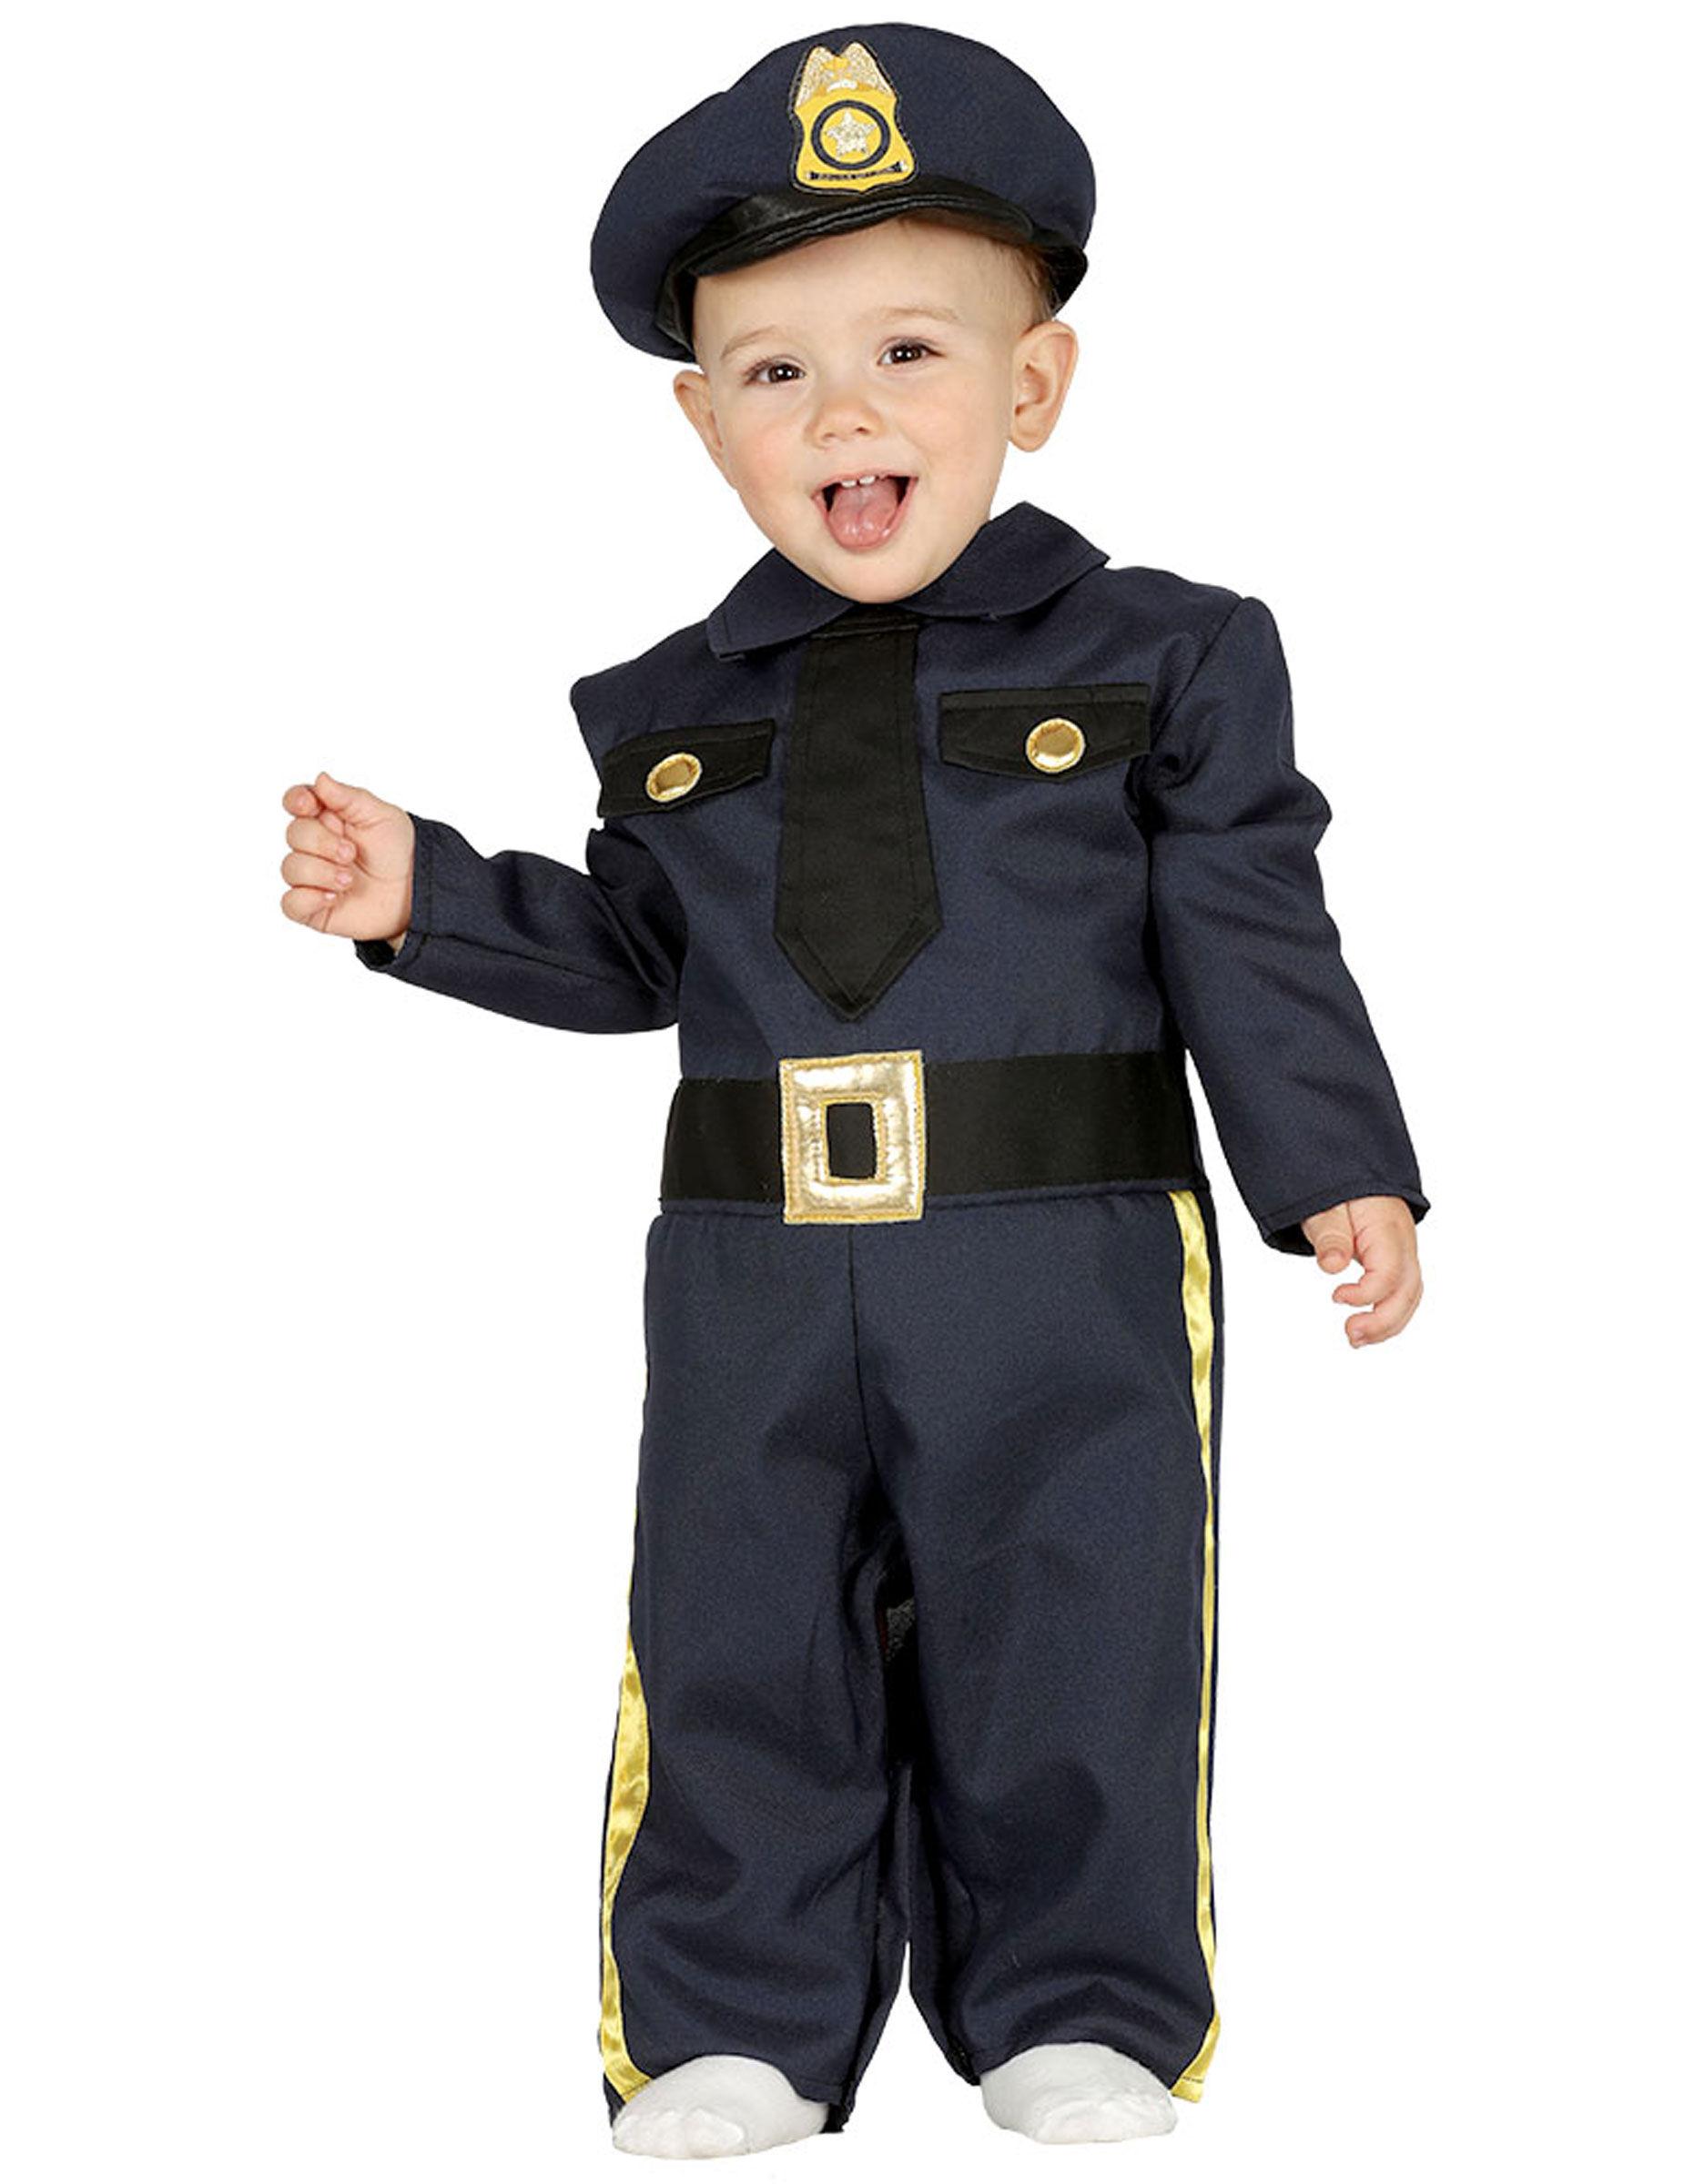 Deguisetoi Déguisement policier marine bébé - Taille: 6 à 12 mois (82-83 cm)